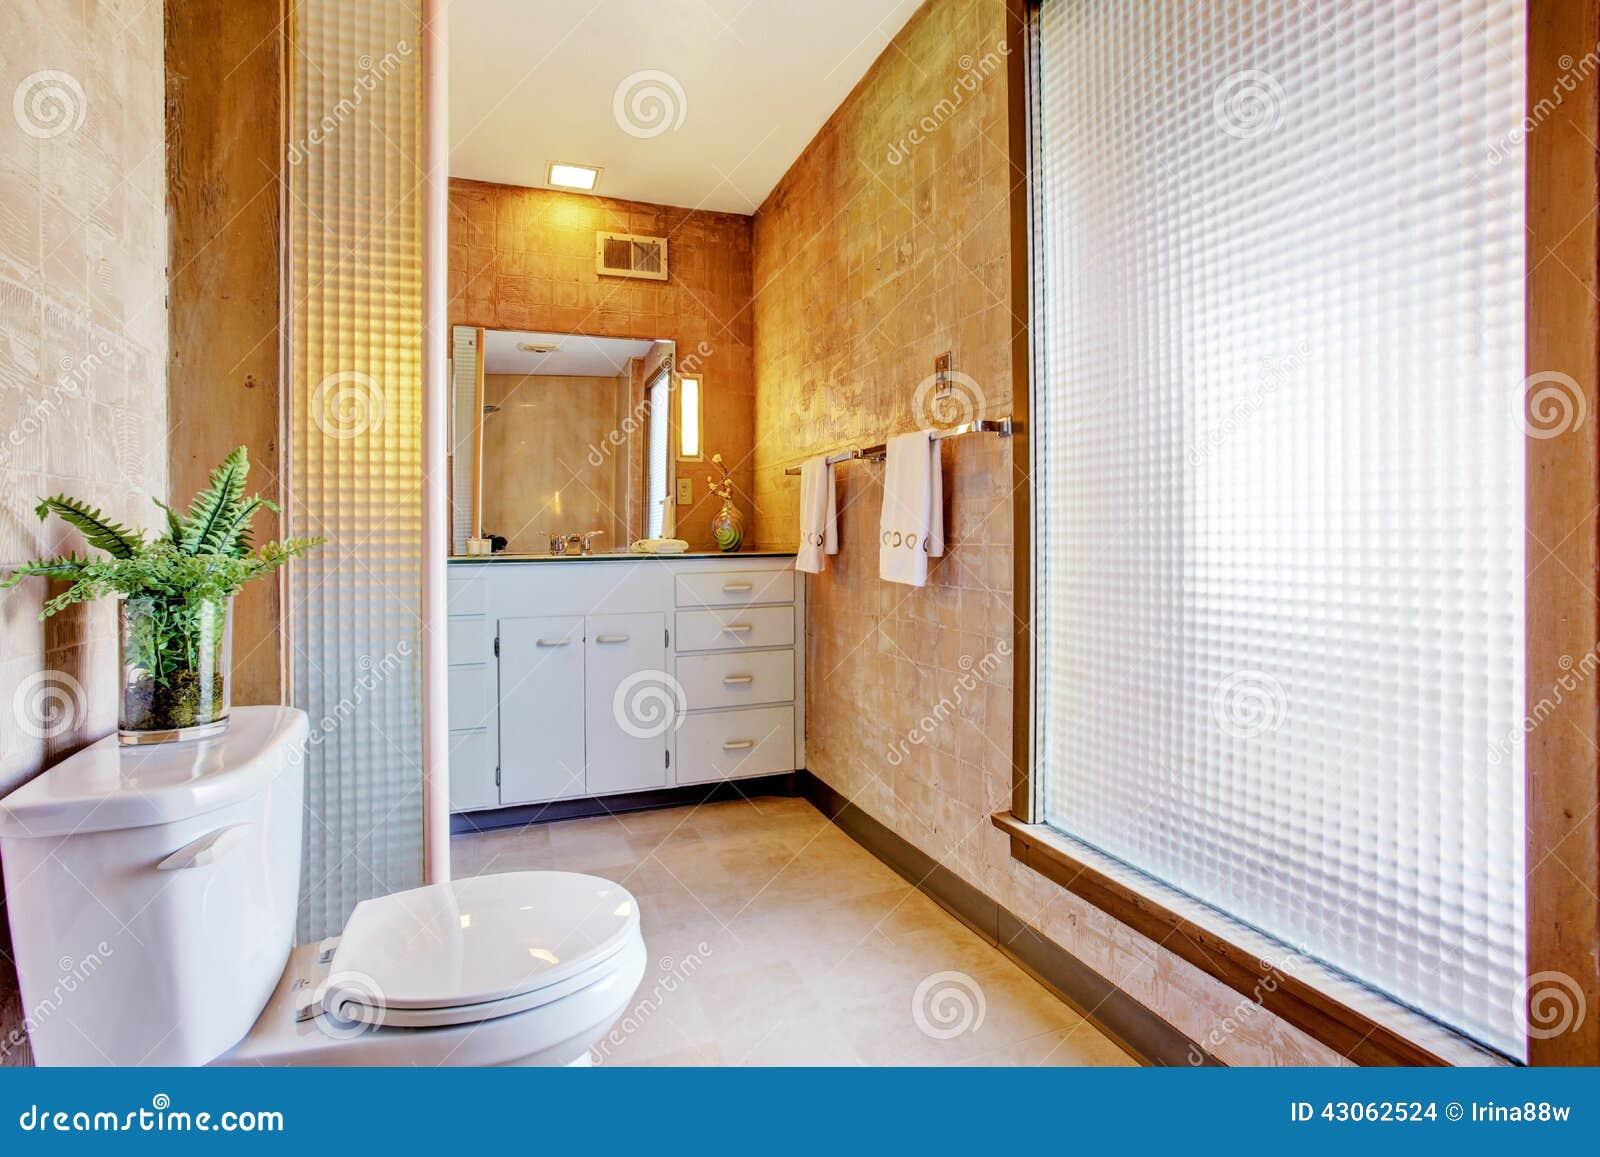 Inteiror brilhante do banheiro com grande janela armário branco da  #7D4011 1300x957 Banheiro Com Janela No Teto